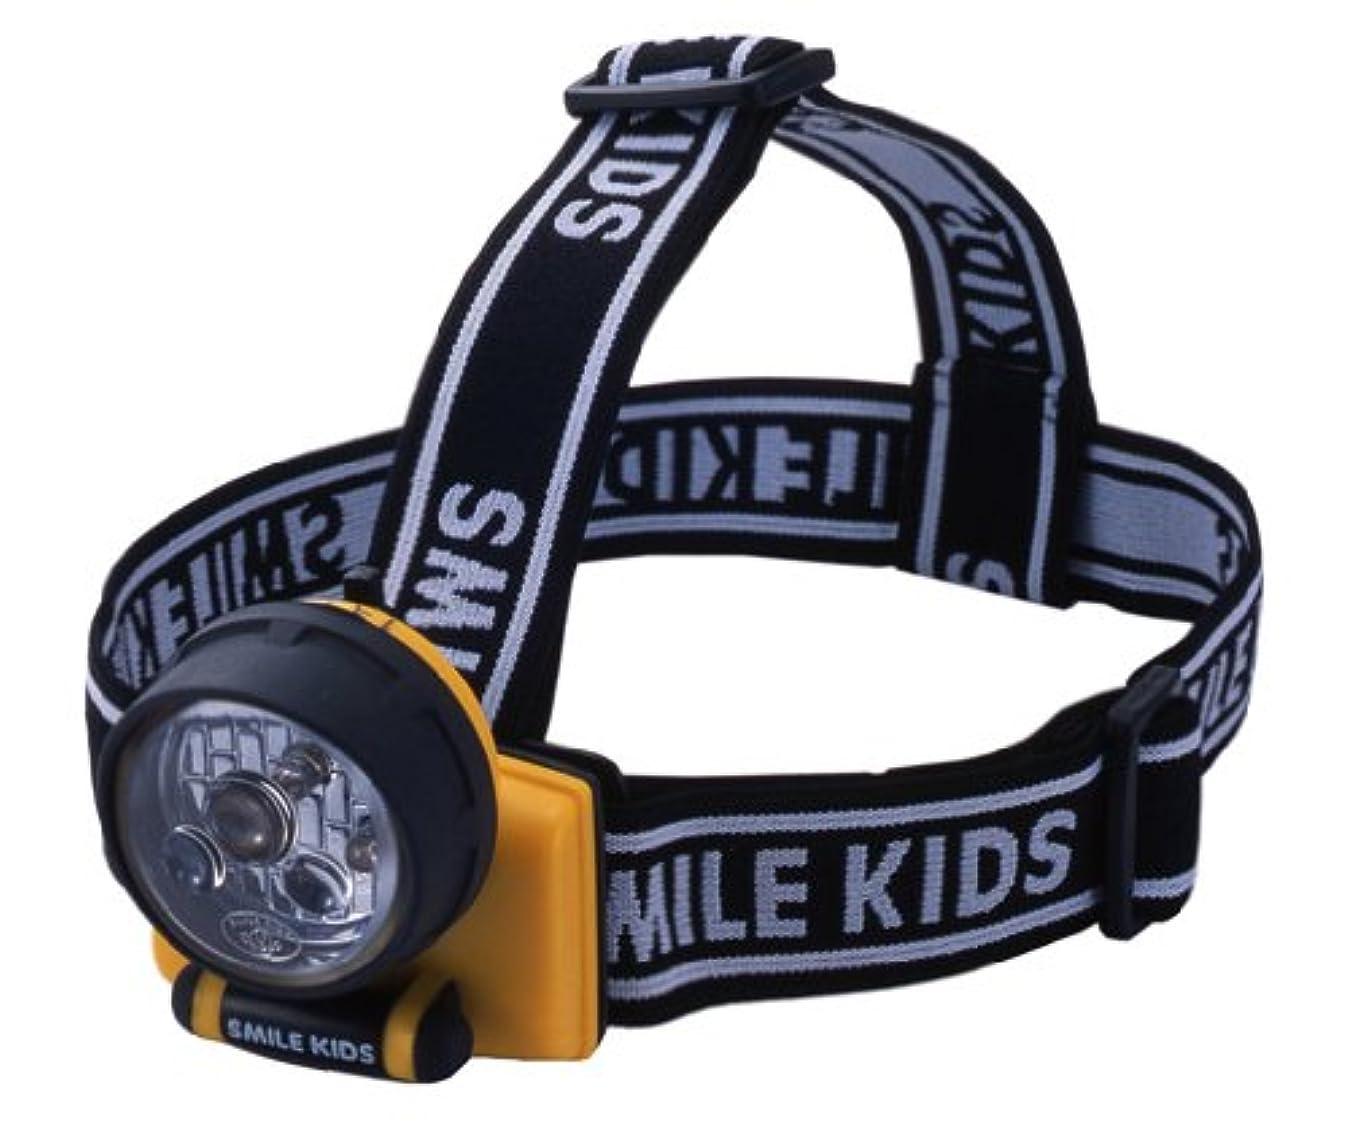 ソーダ水スープ解放スマイルキッズ(SMILE KIDS) 3LEDヘッドランプ ACA-4302